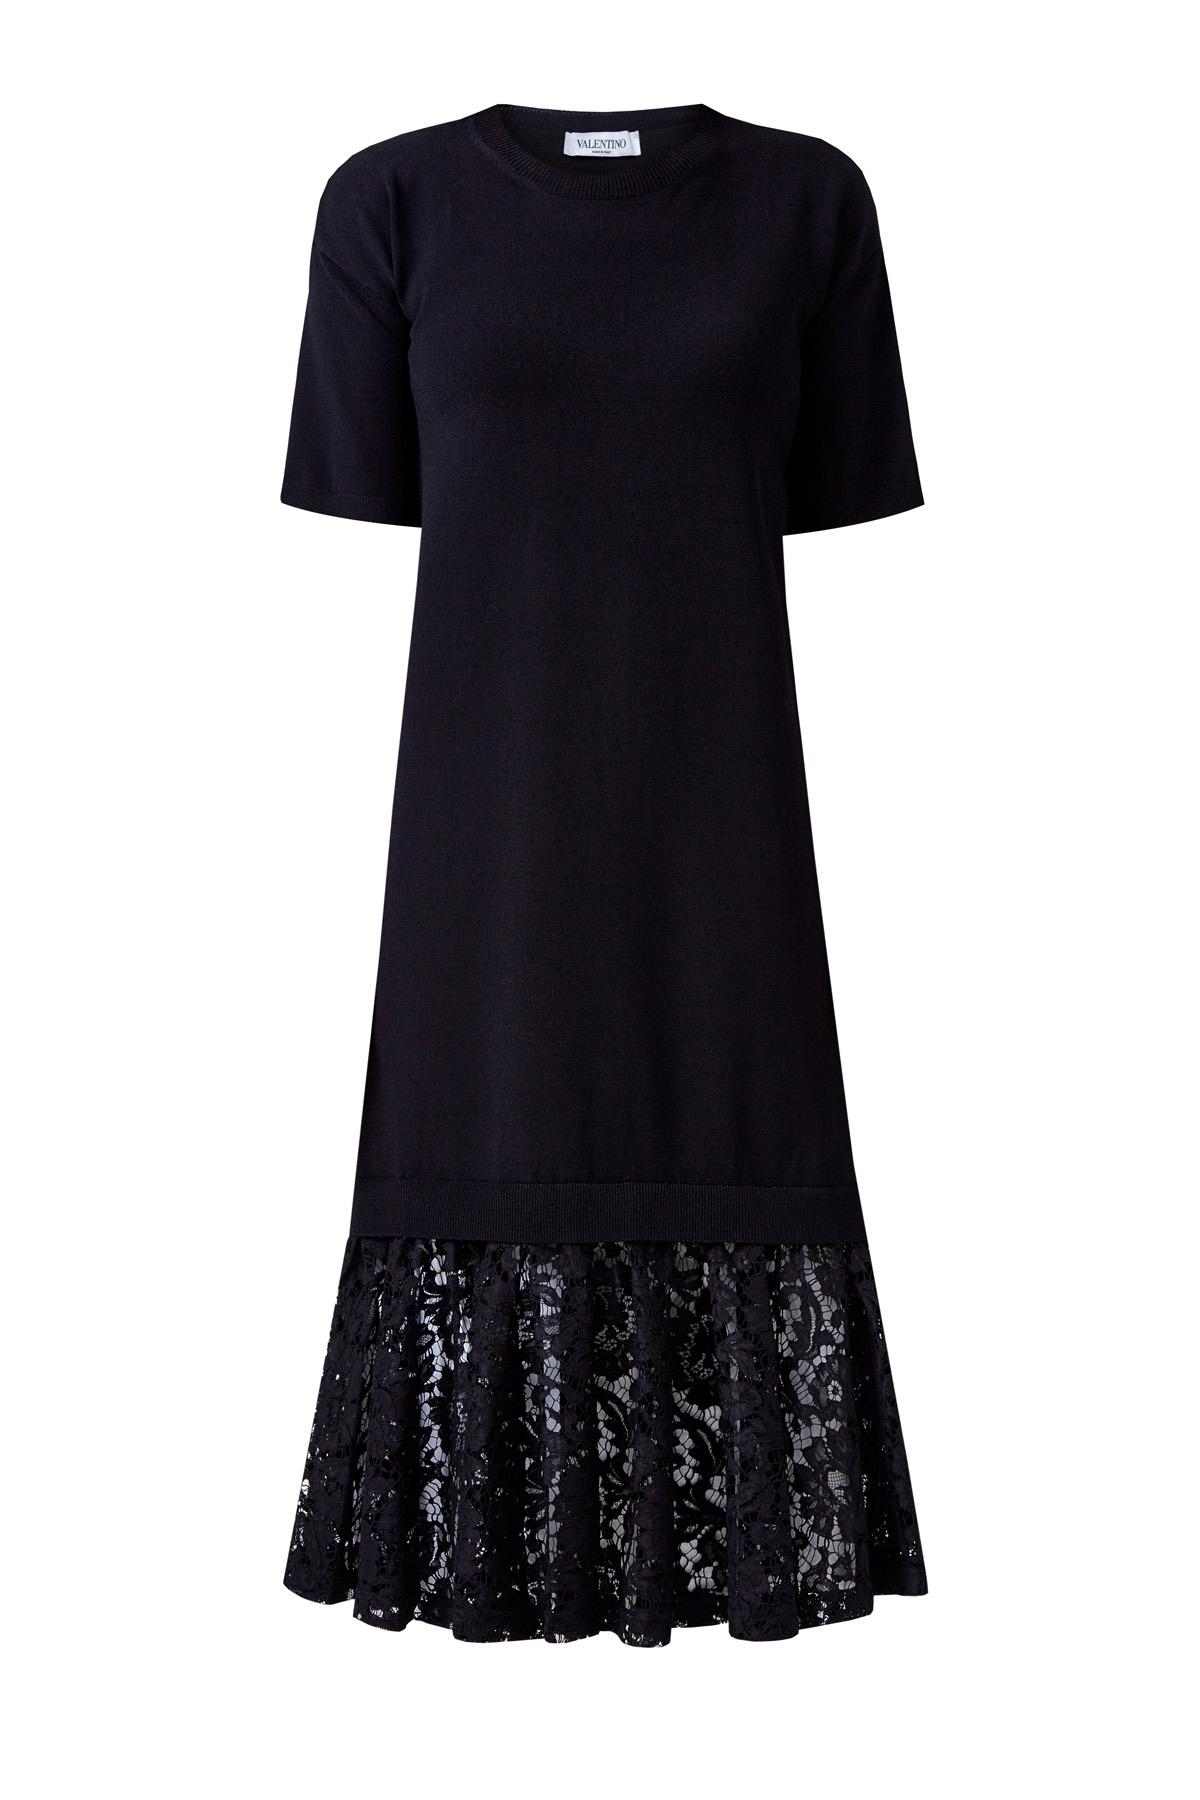 Платье из пряжи Stretch с кружевом Heavy Lace на подоле фото